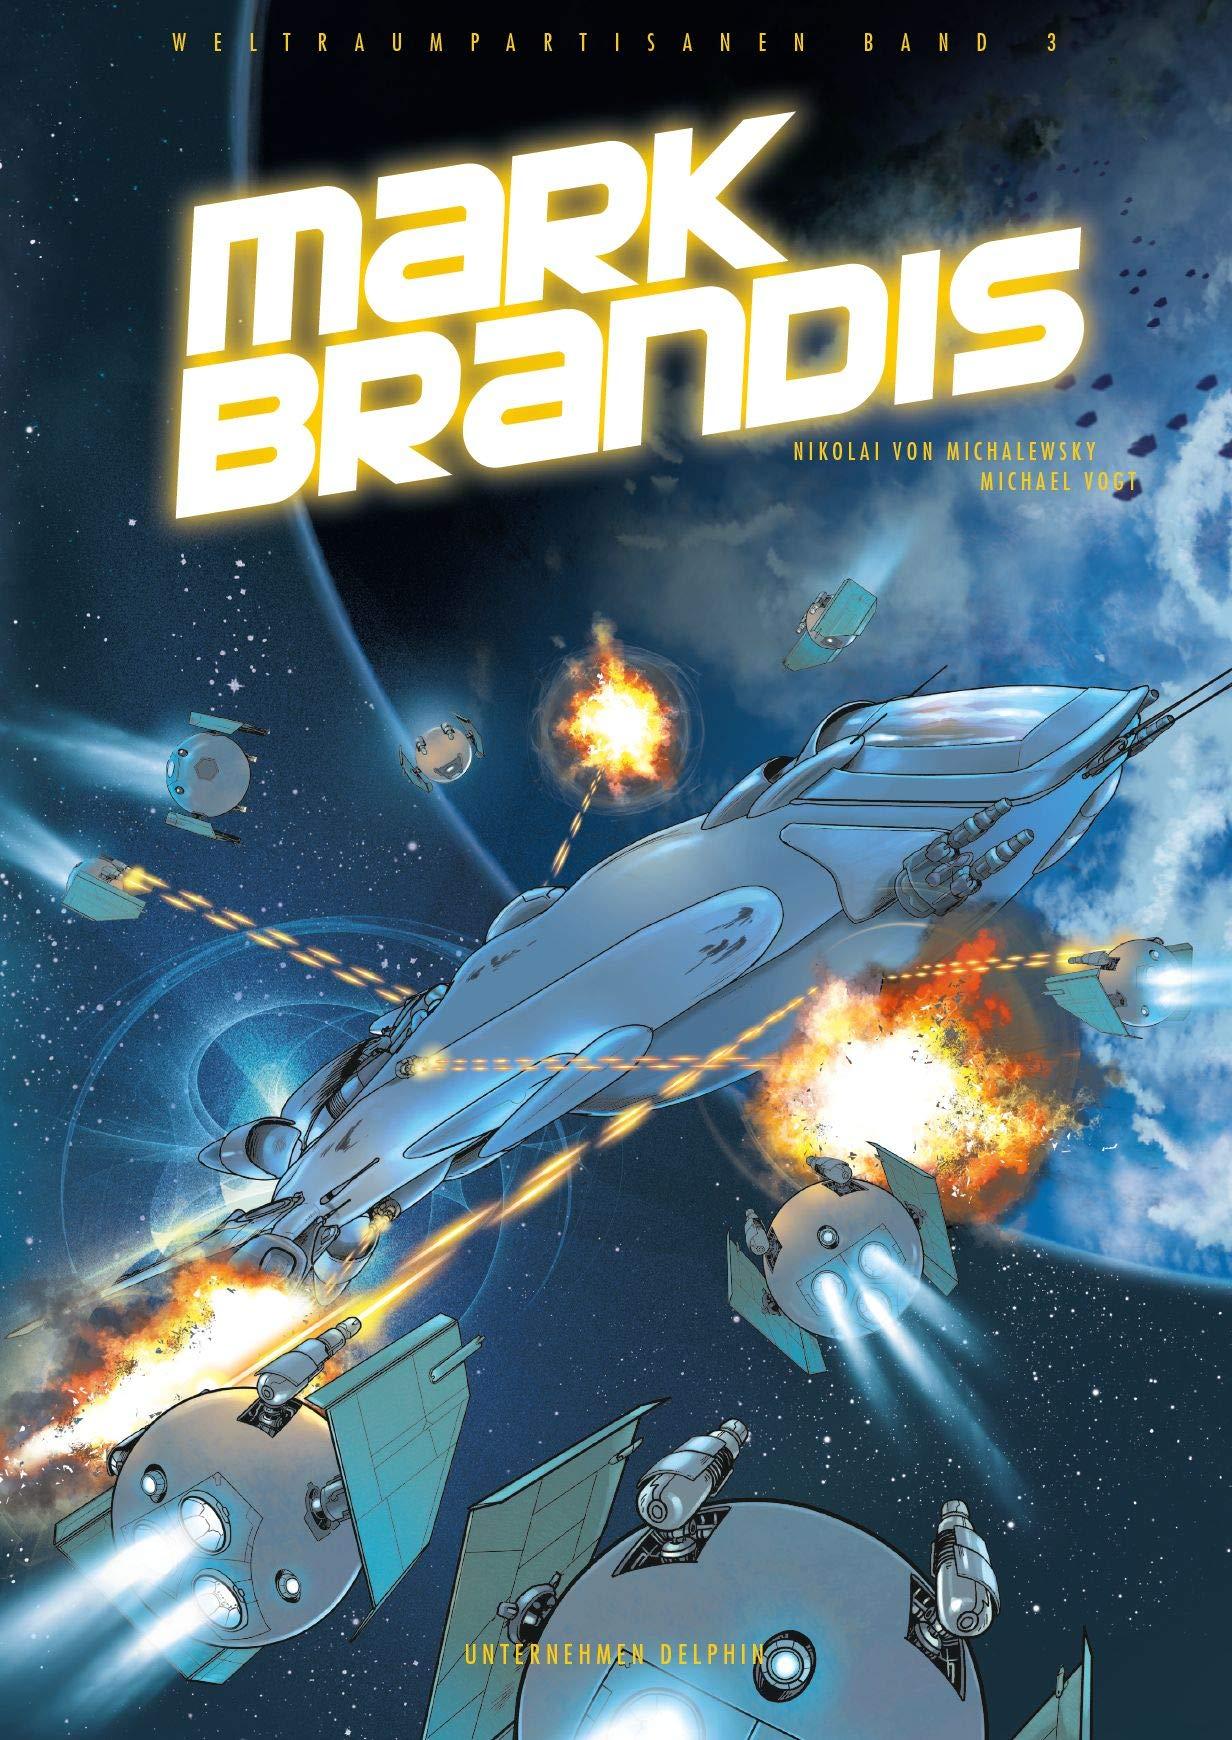 Mark Brandis - Weltraumpartisanen: Bd. 3: Unternehmen Delphin Gebundenes Buch – 22. Oktober 2018 Michael Vogt Nikolai von Michalewsky Panini 3741610003